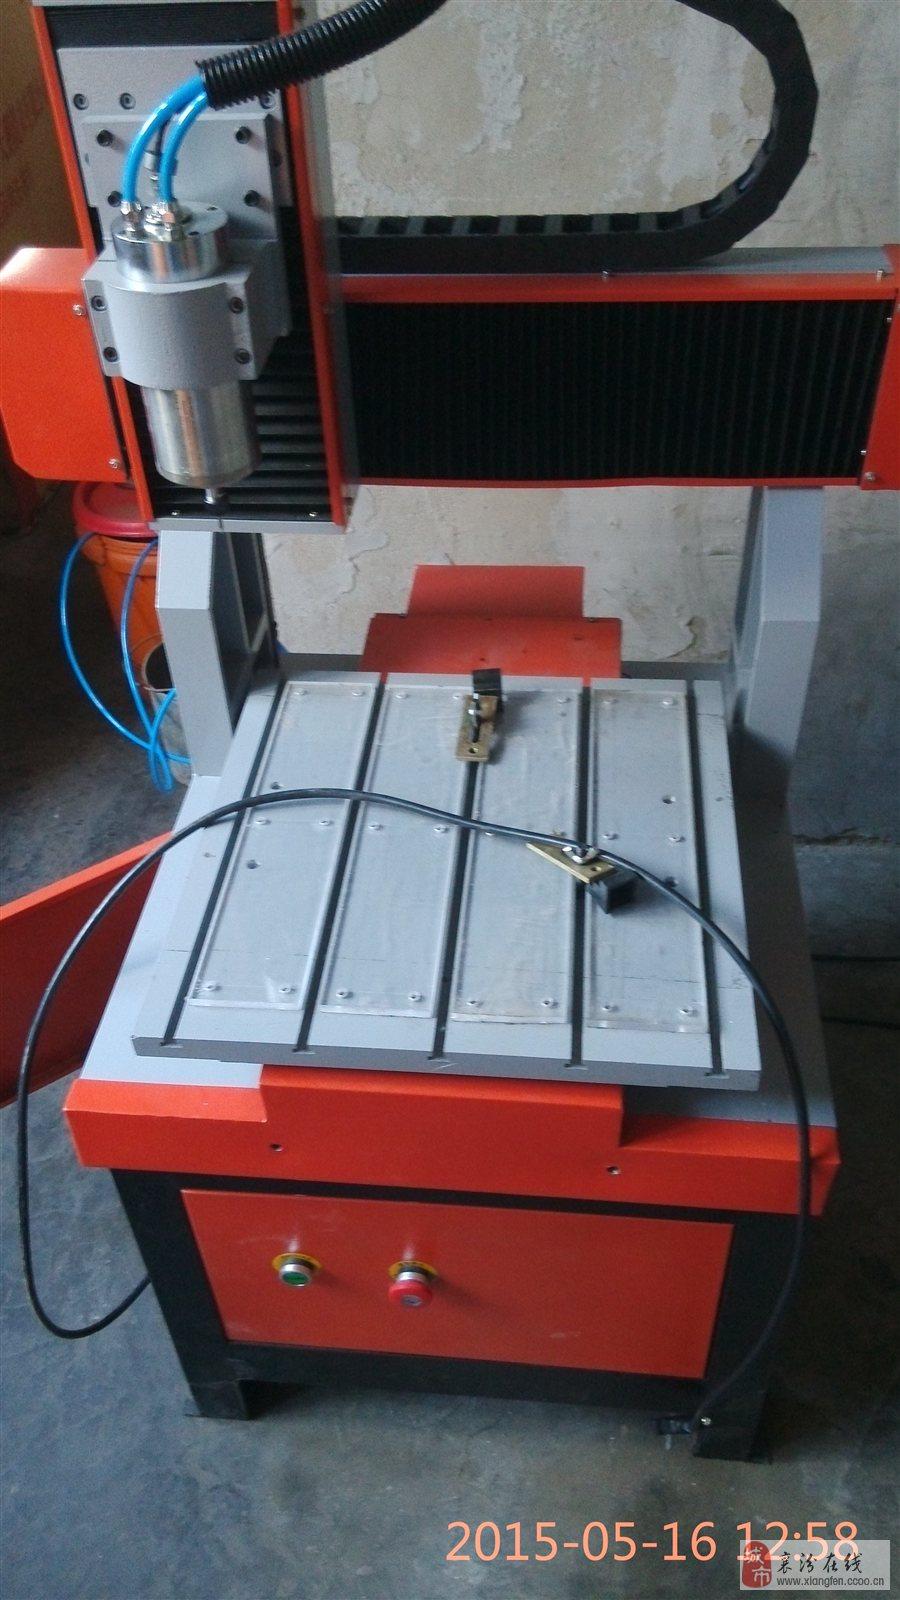 雕刻机8051驱动电路图